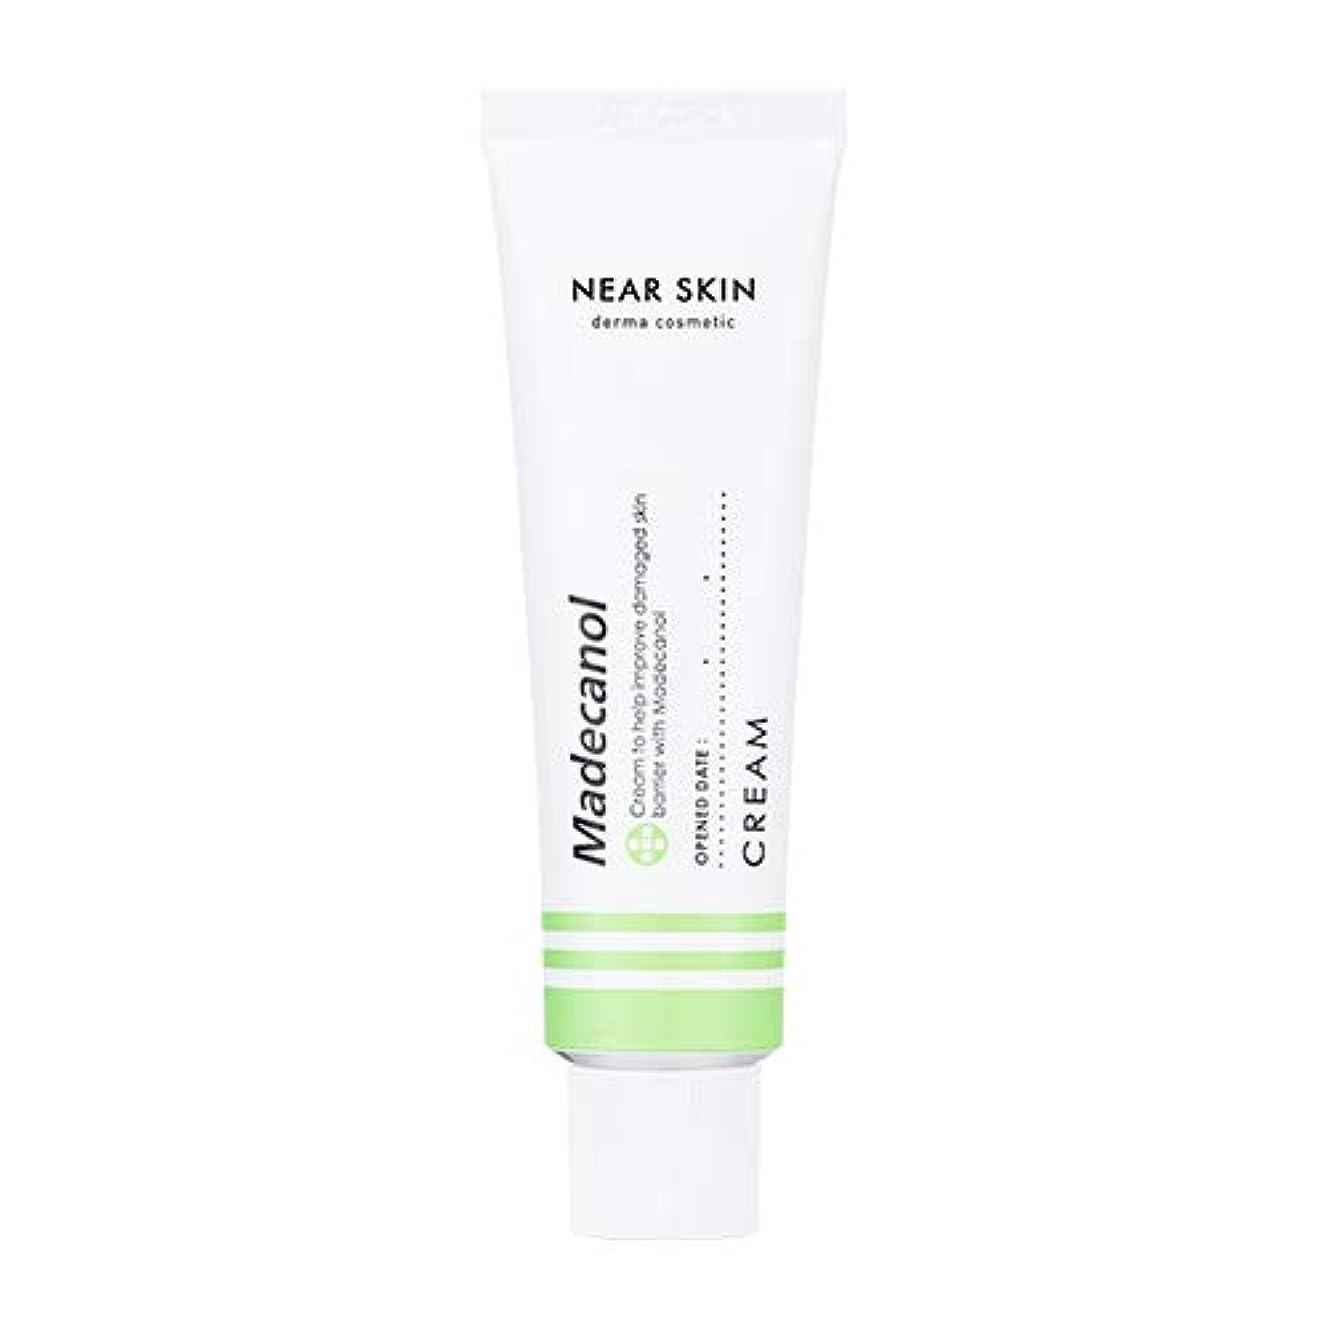 トリッキー奨学金スポットミシャ ニアスキンマデカノールクリーム/MISSHA NEAR SKIN Madecanol Cream 50ml [並行輸入品]